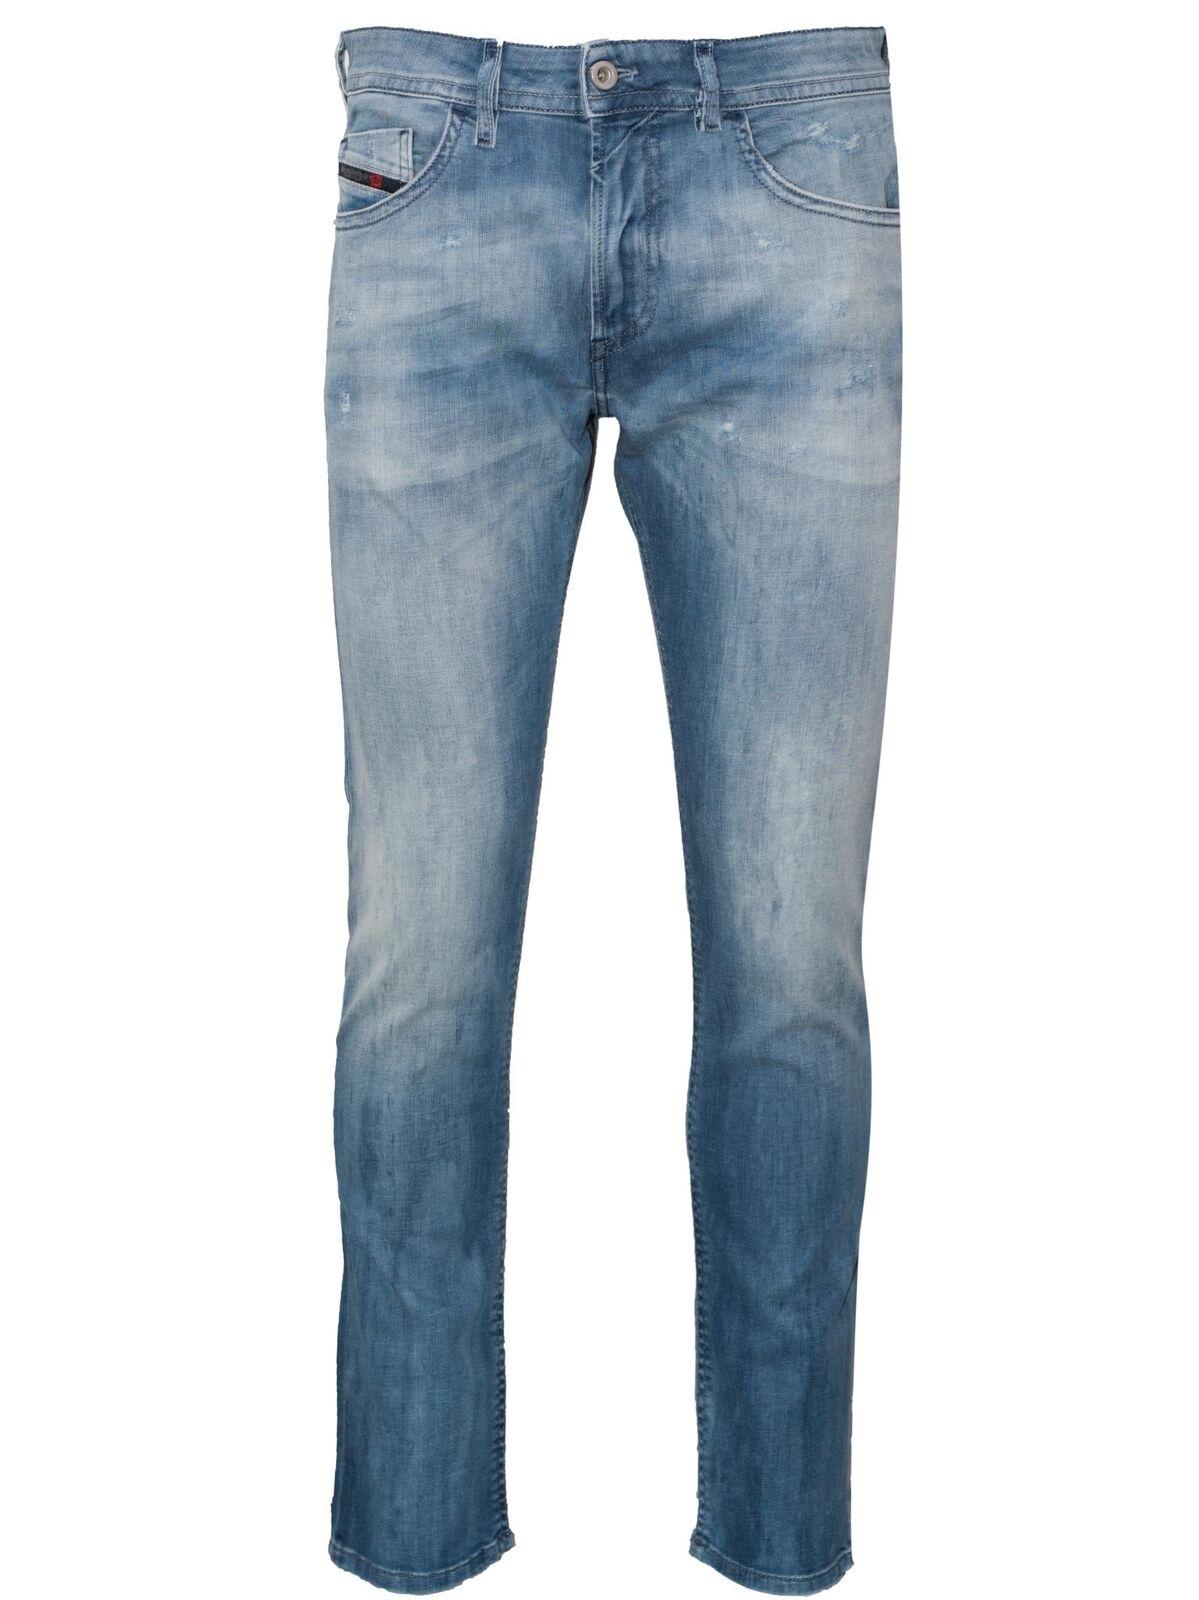 Diesel Slim-Skinny Fit Thommer Light bluee Jean